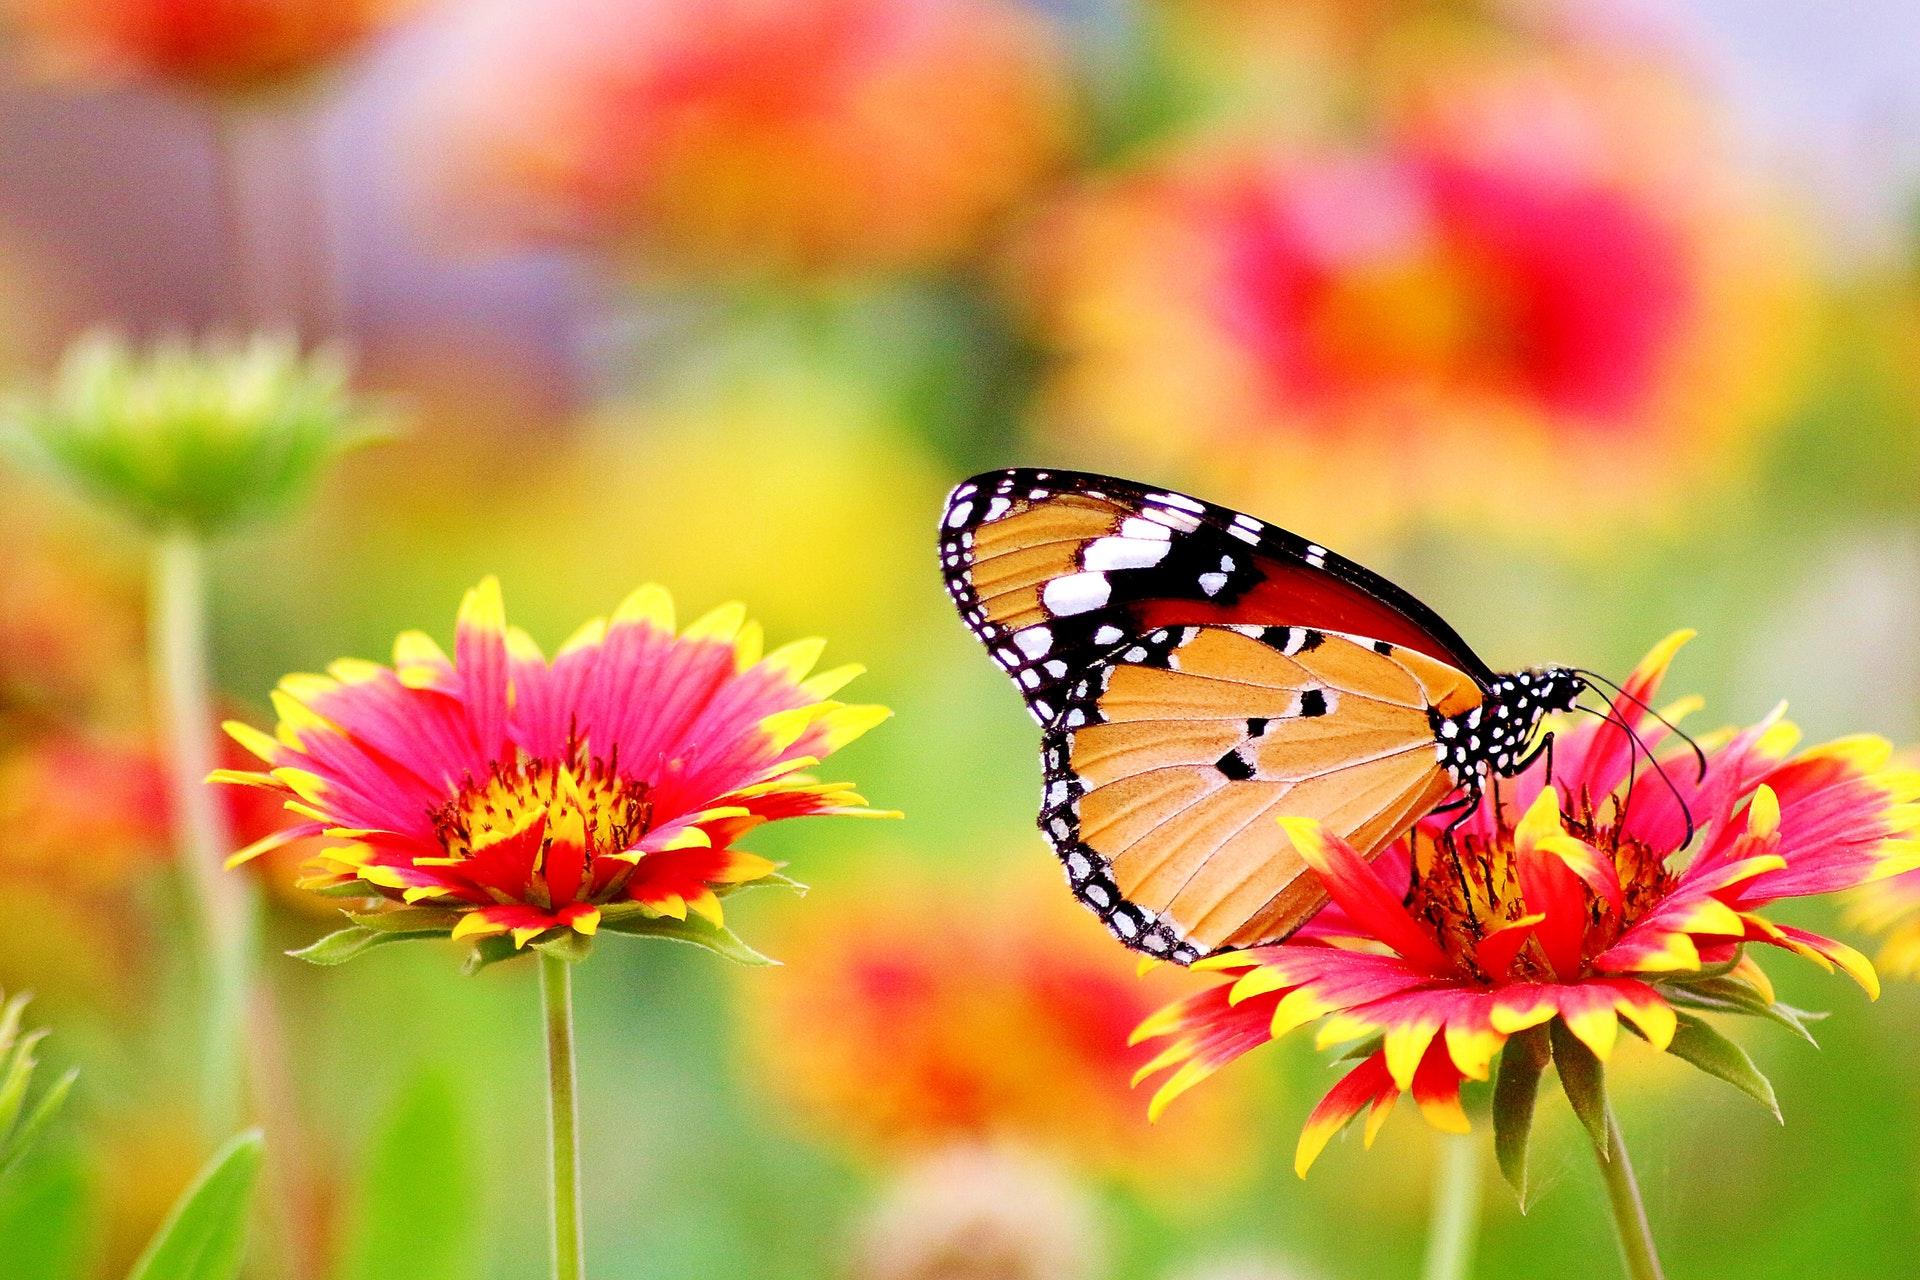 download wallpaper: vlinder tussen de bloemen wallpaper